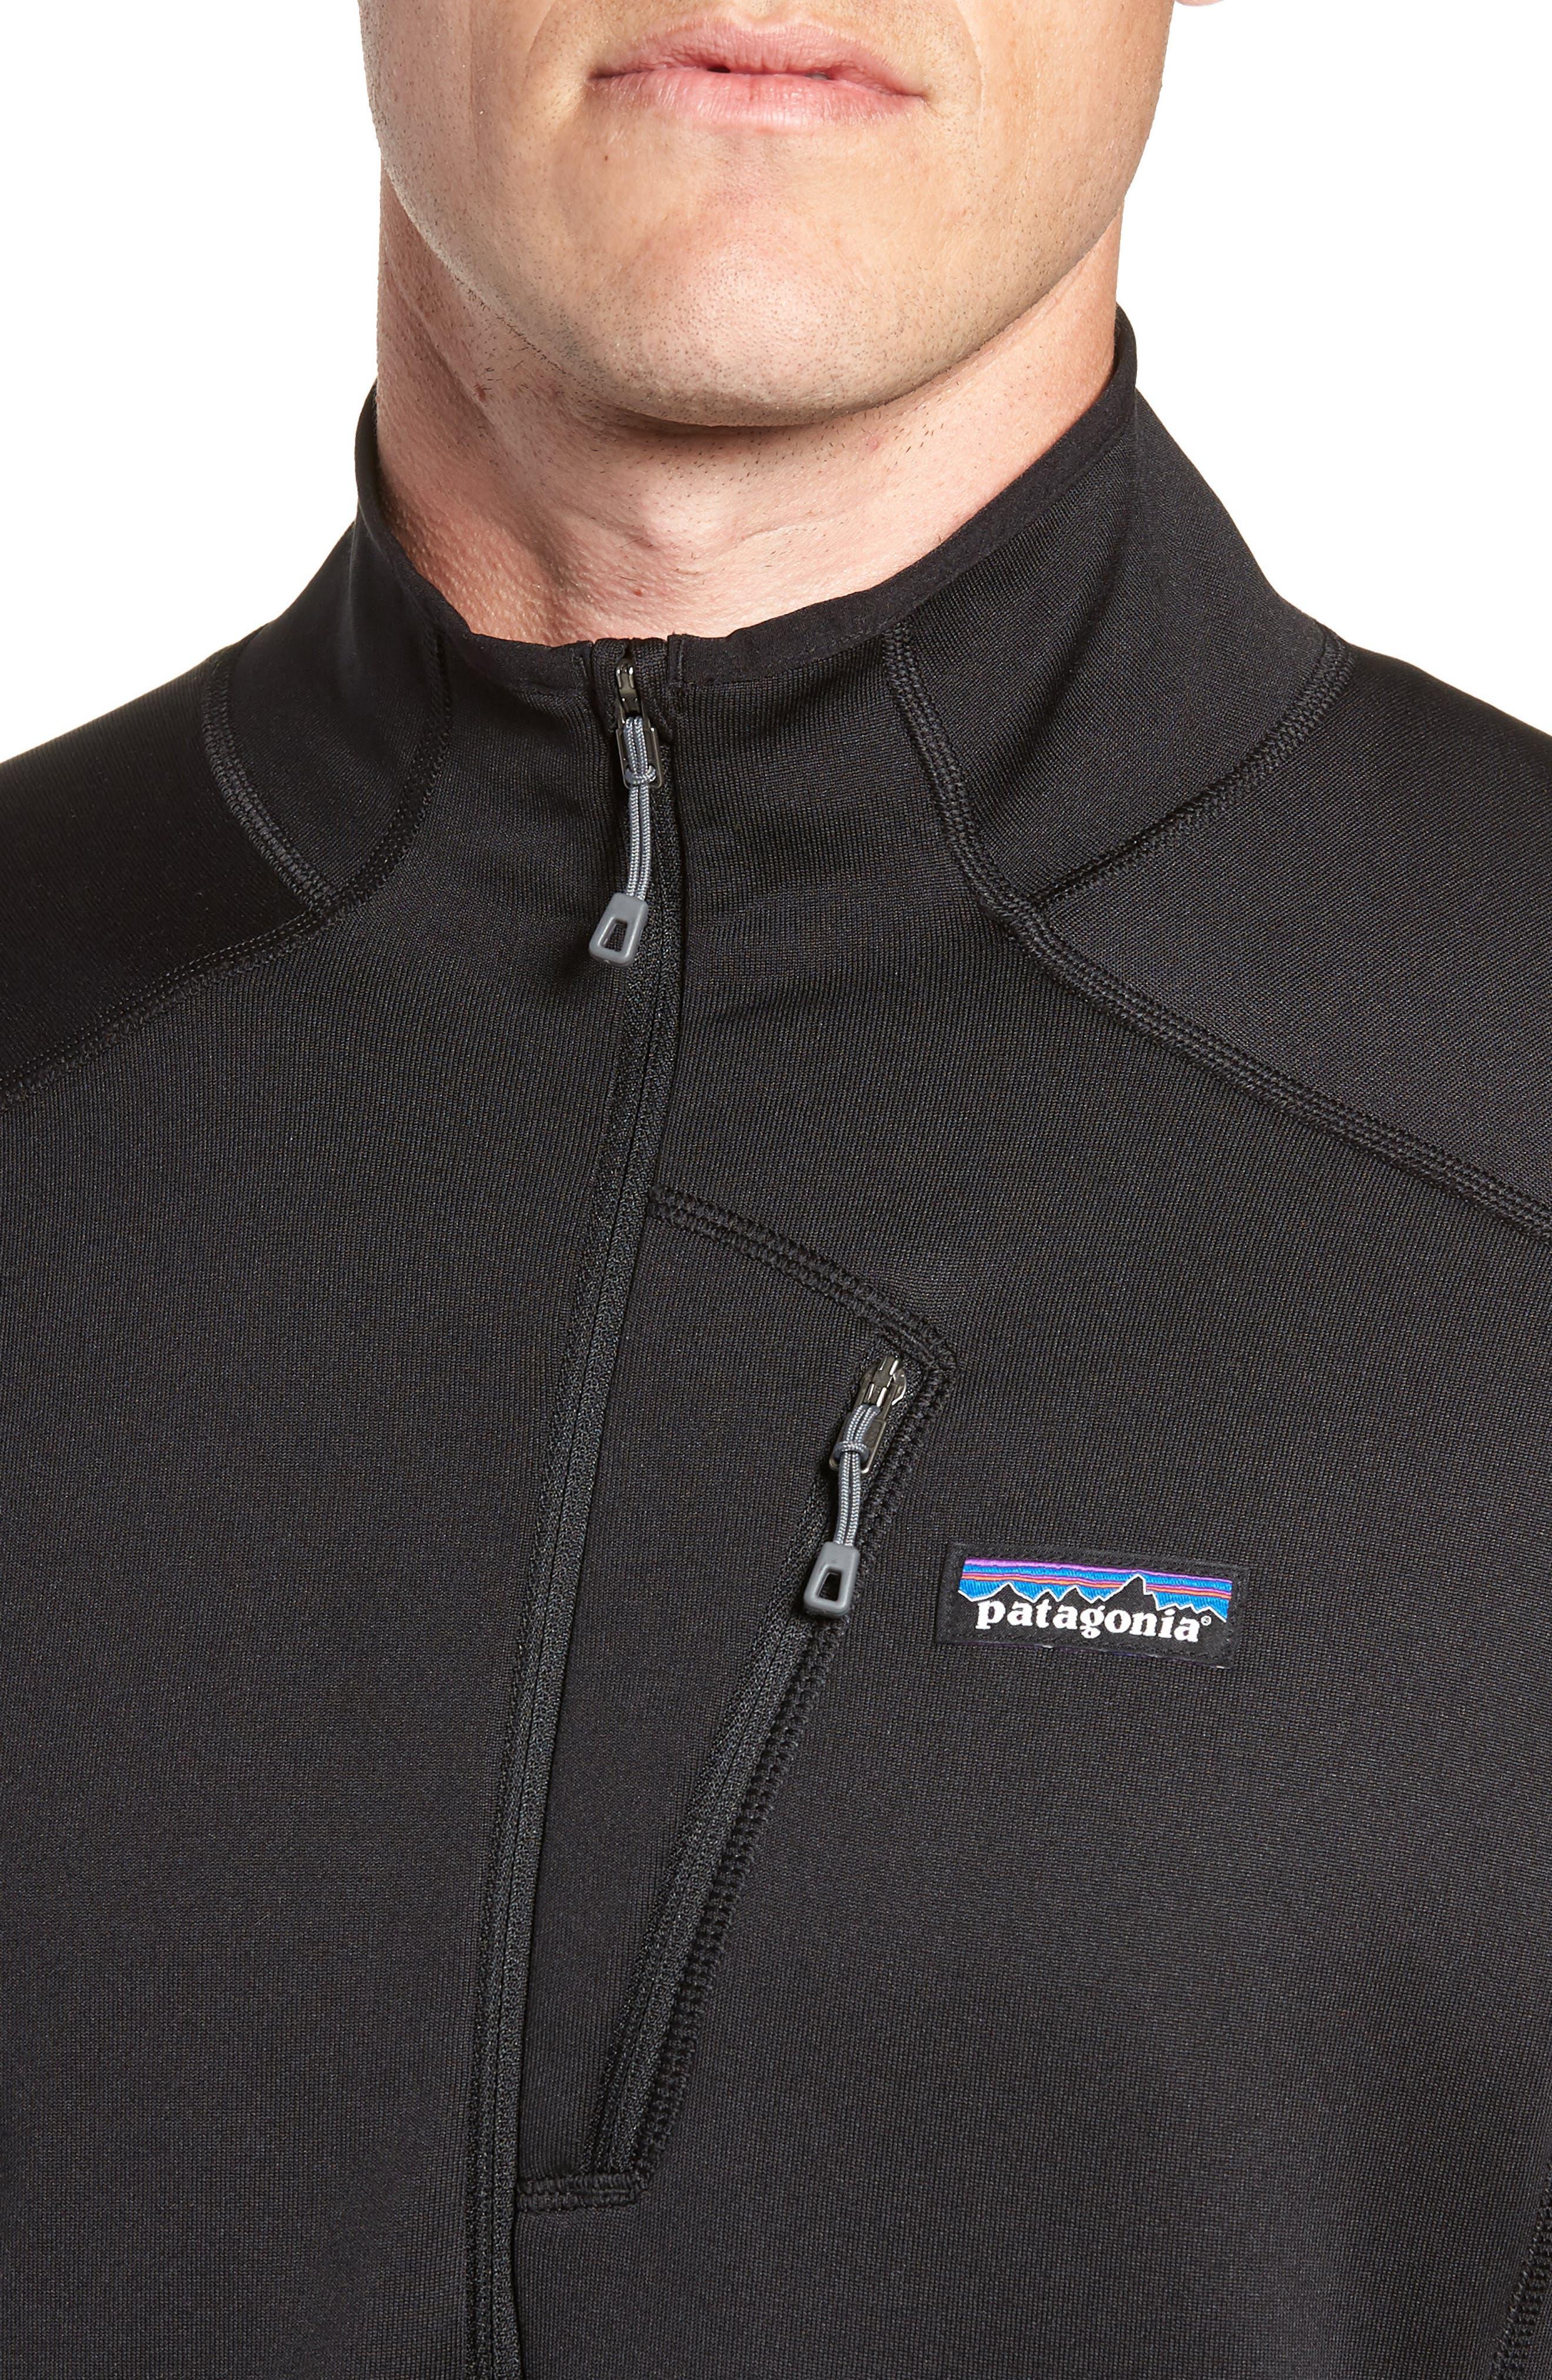 Crosstrek Quarter Zip Fleece Pullover,                             Alternate thumbnail 4, color,                             001